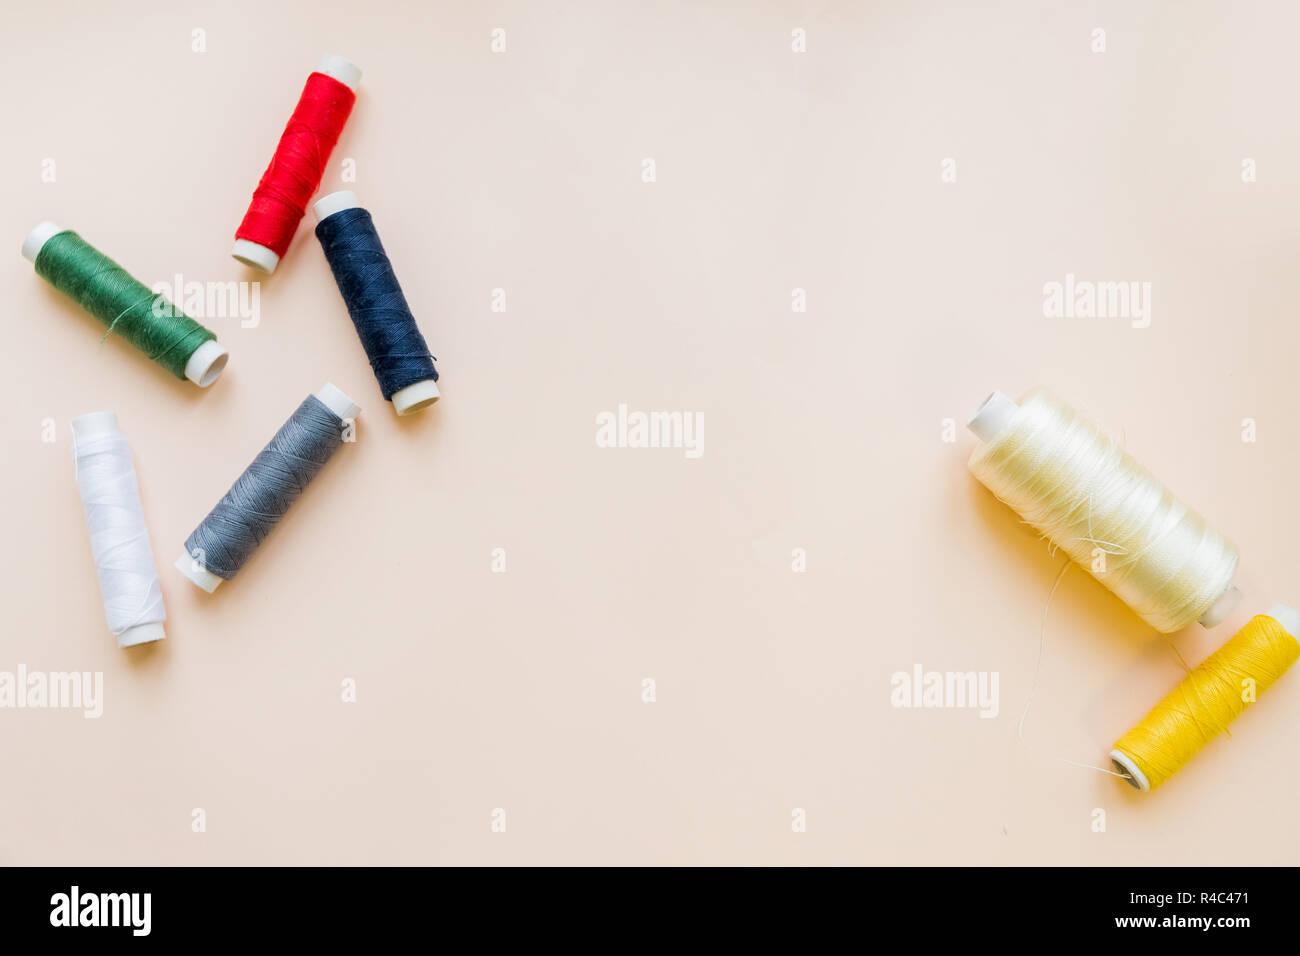 In matasse di multi-fili colorati per ricamo su sfondo pastello.multi colore filo da ricamo filati. Piatto di laici colorate rotoli di filo per cucire, cucito e ricamo concetto.spazio copia Foto Stock